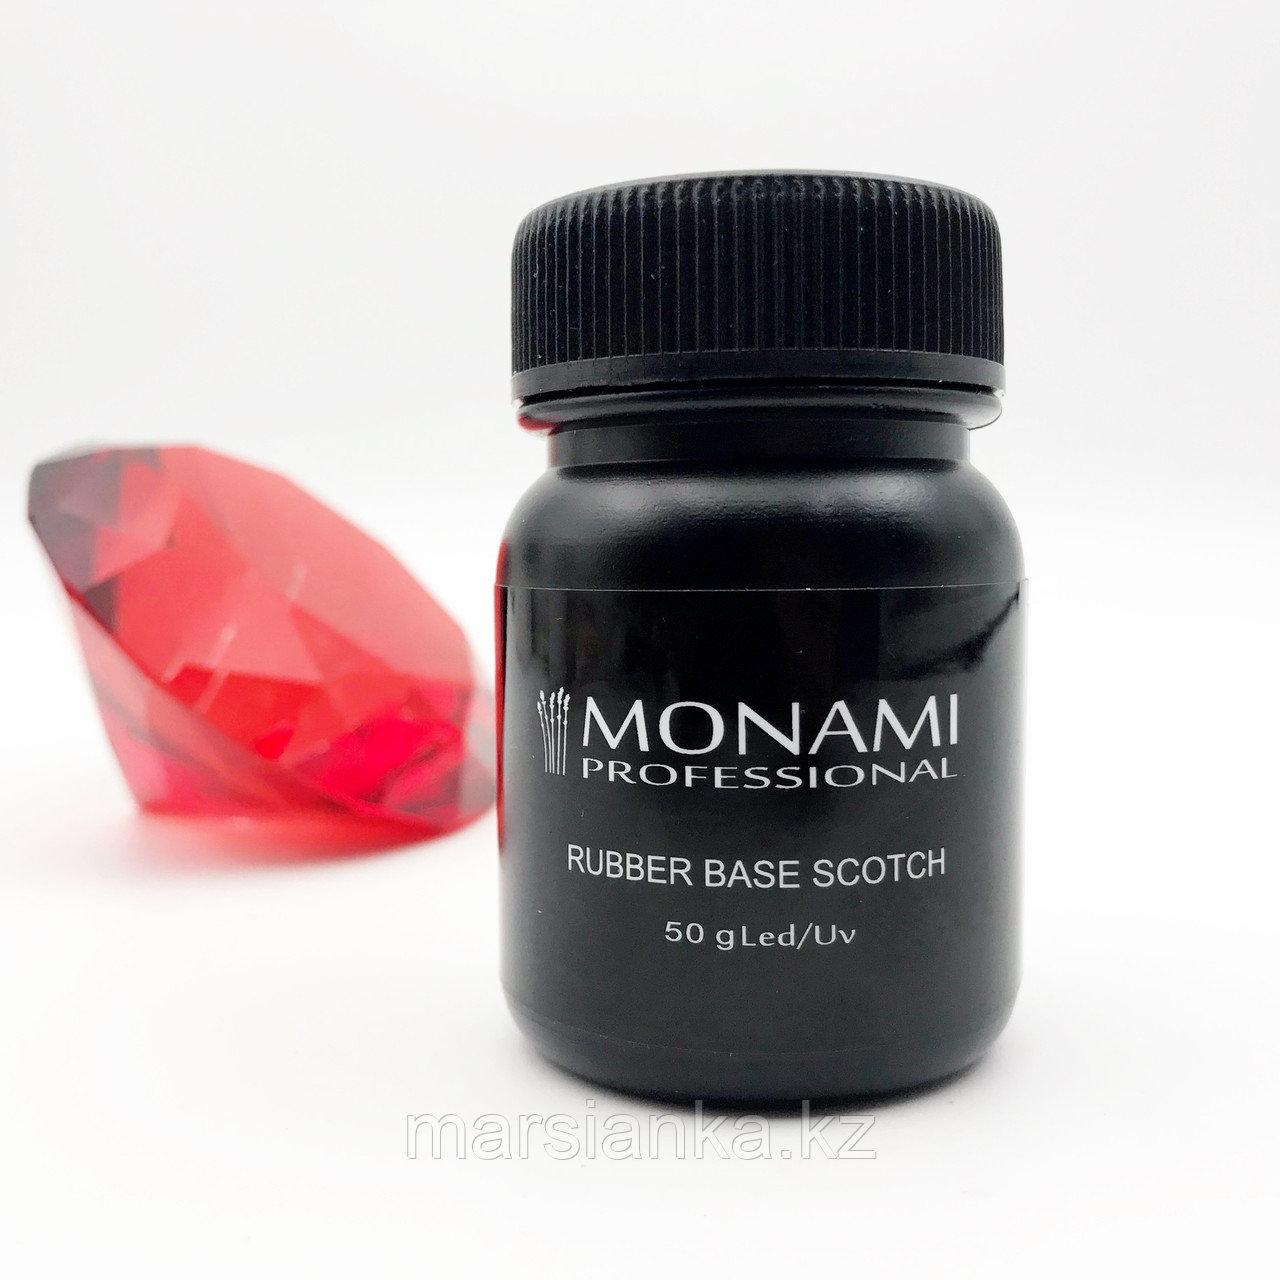 Rubber Base SCOTCH Monami (кислотная), 50мл